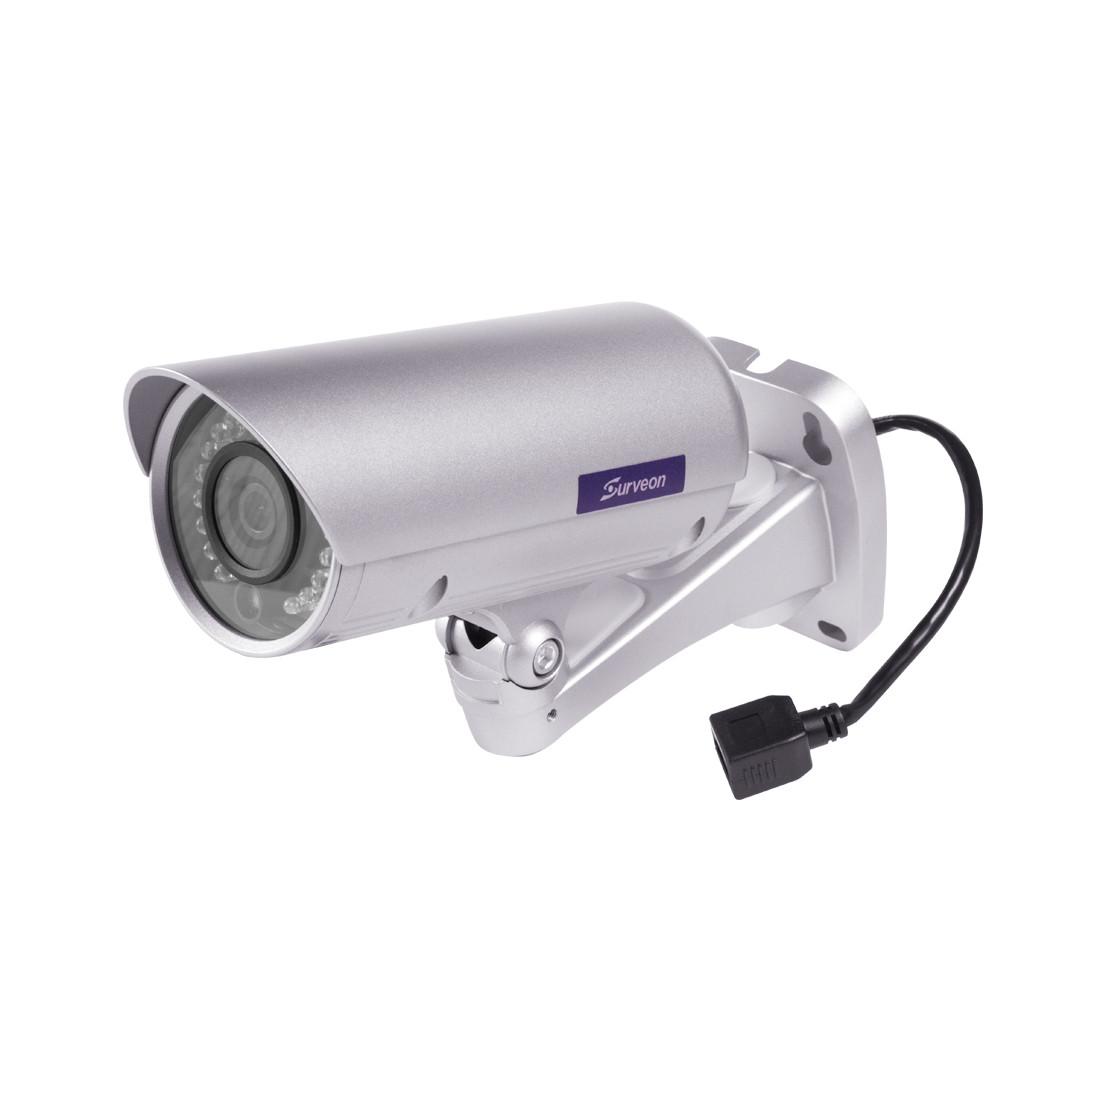 Цилиндрическая сетевая камера Surveon CAM3351R4-2 SONY Exmor